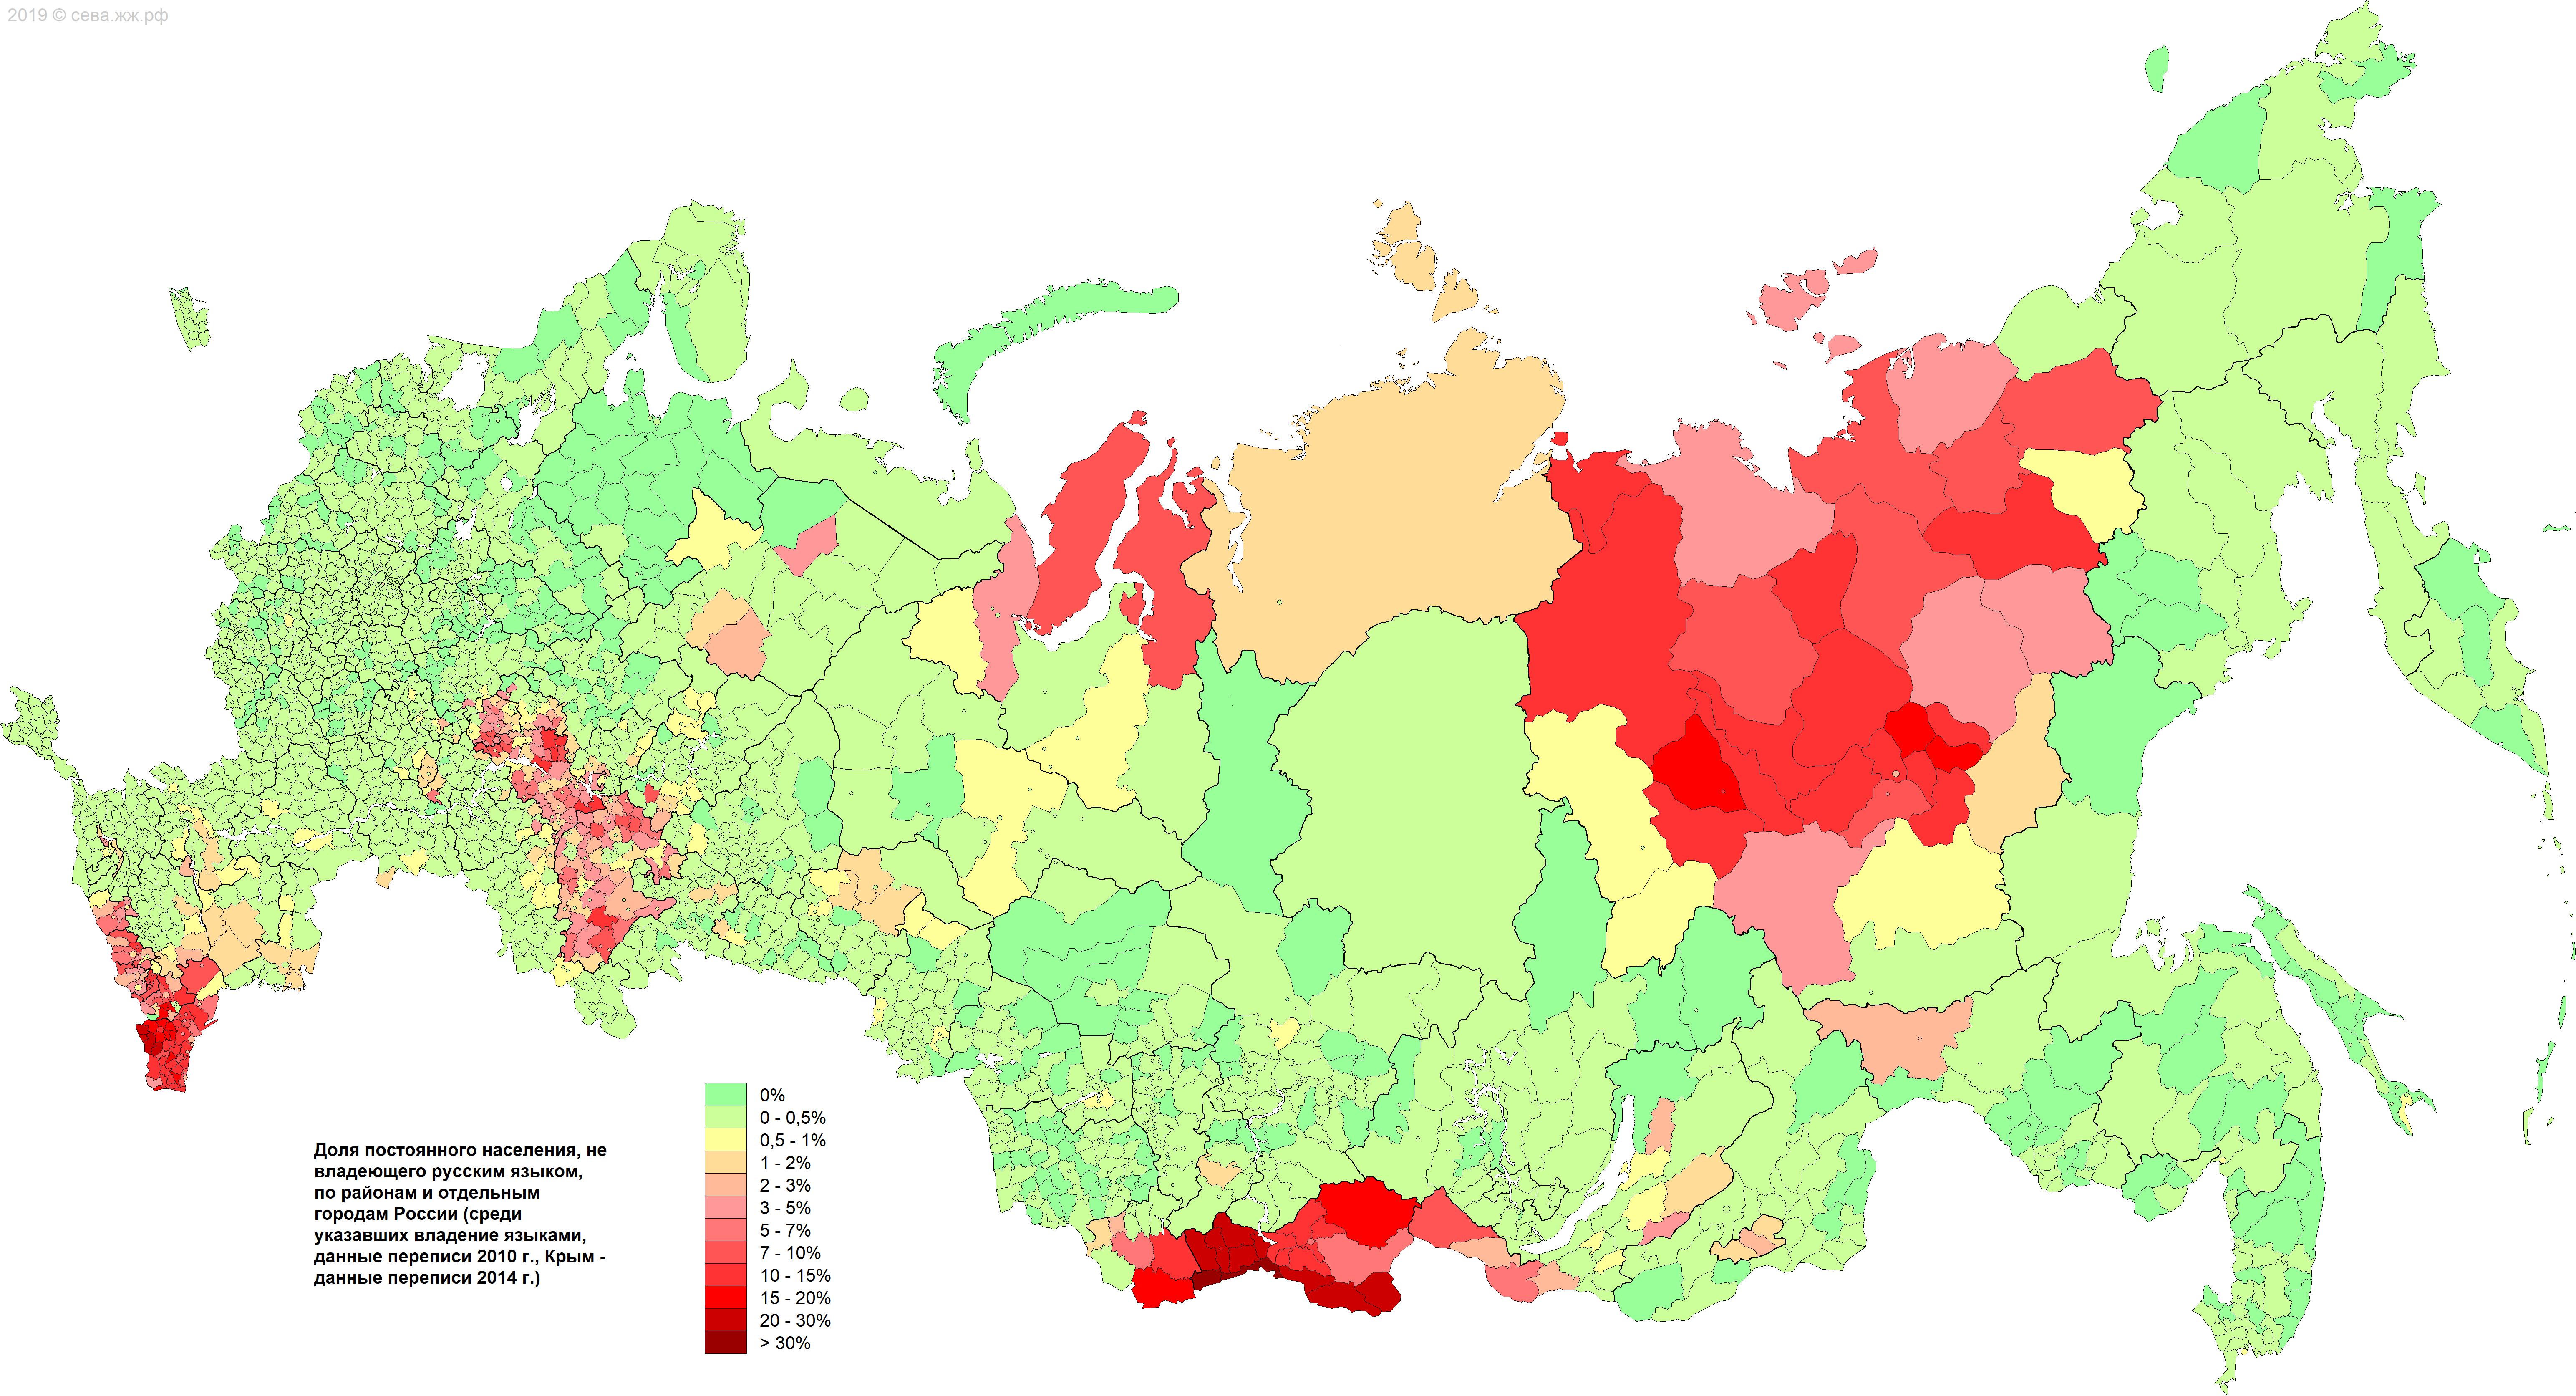 Карта владения русским языком в России